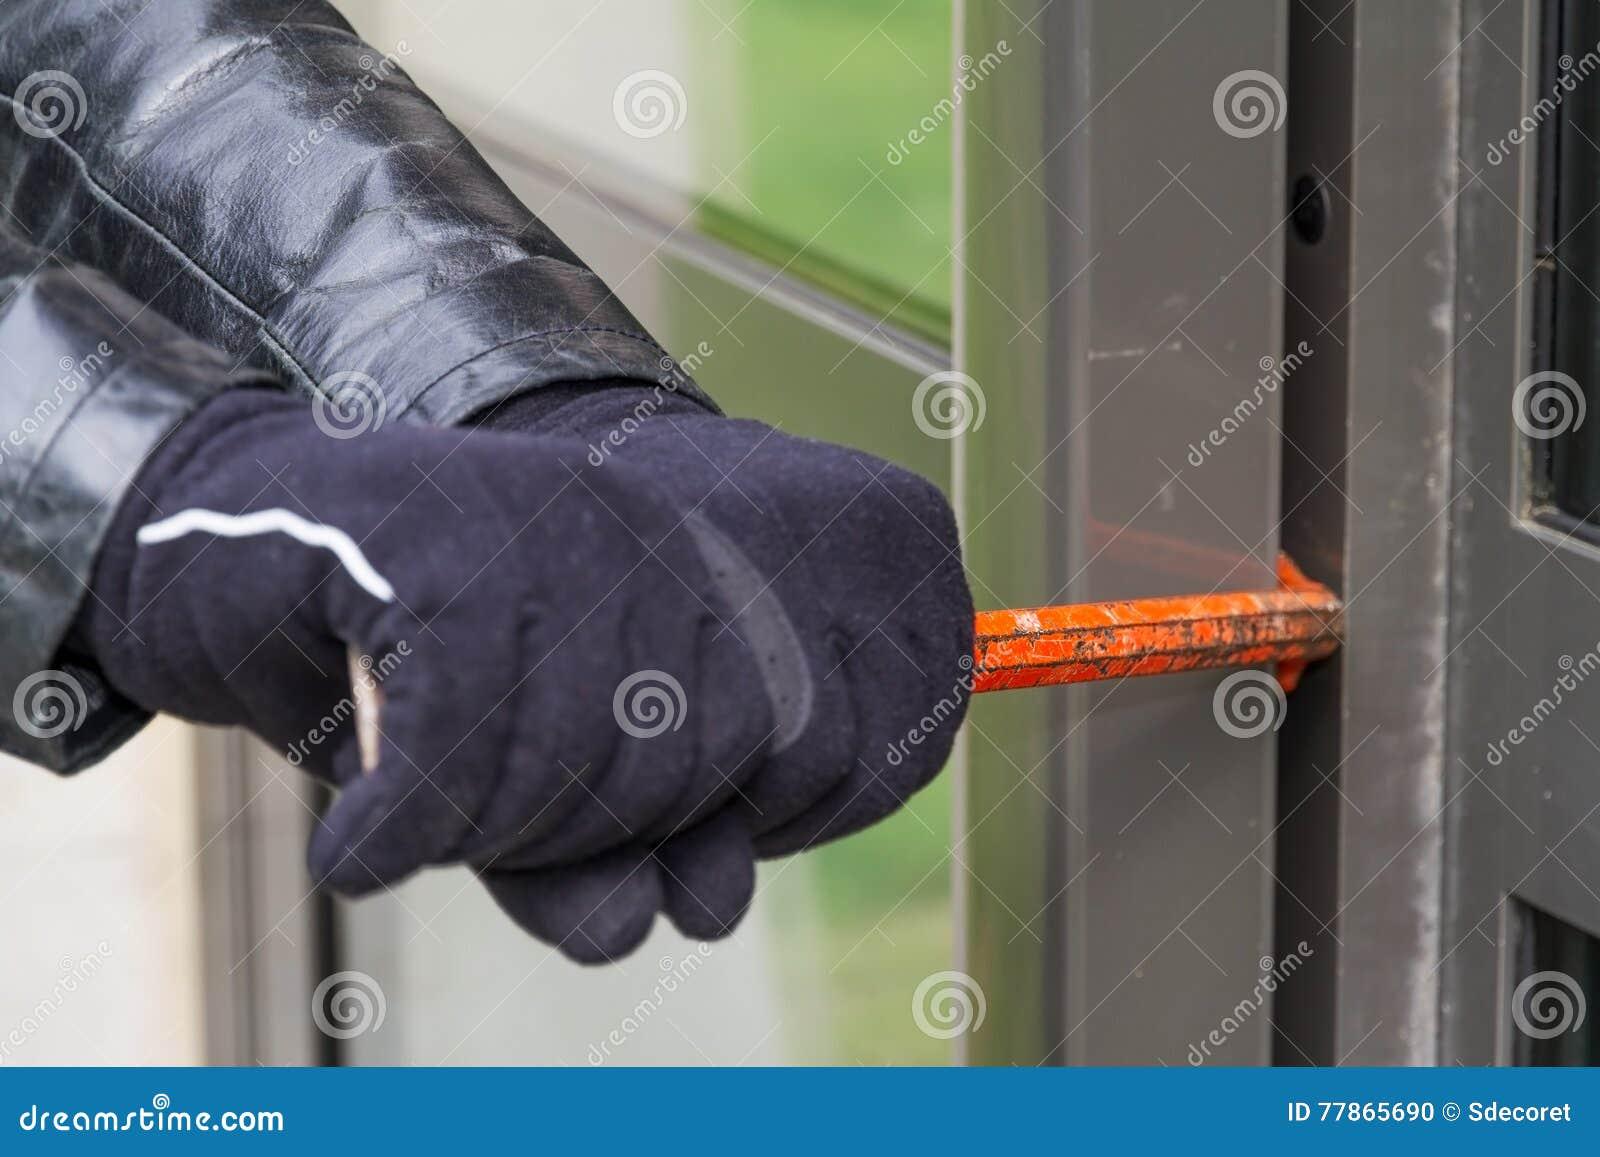 Burglar wearing leather coat breaking in a house